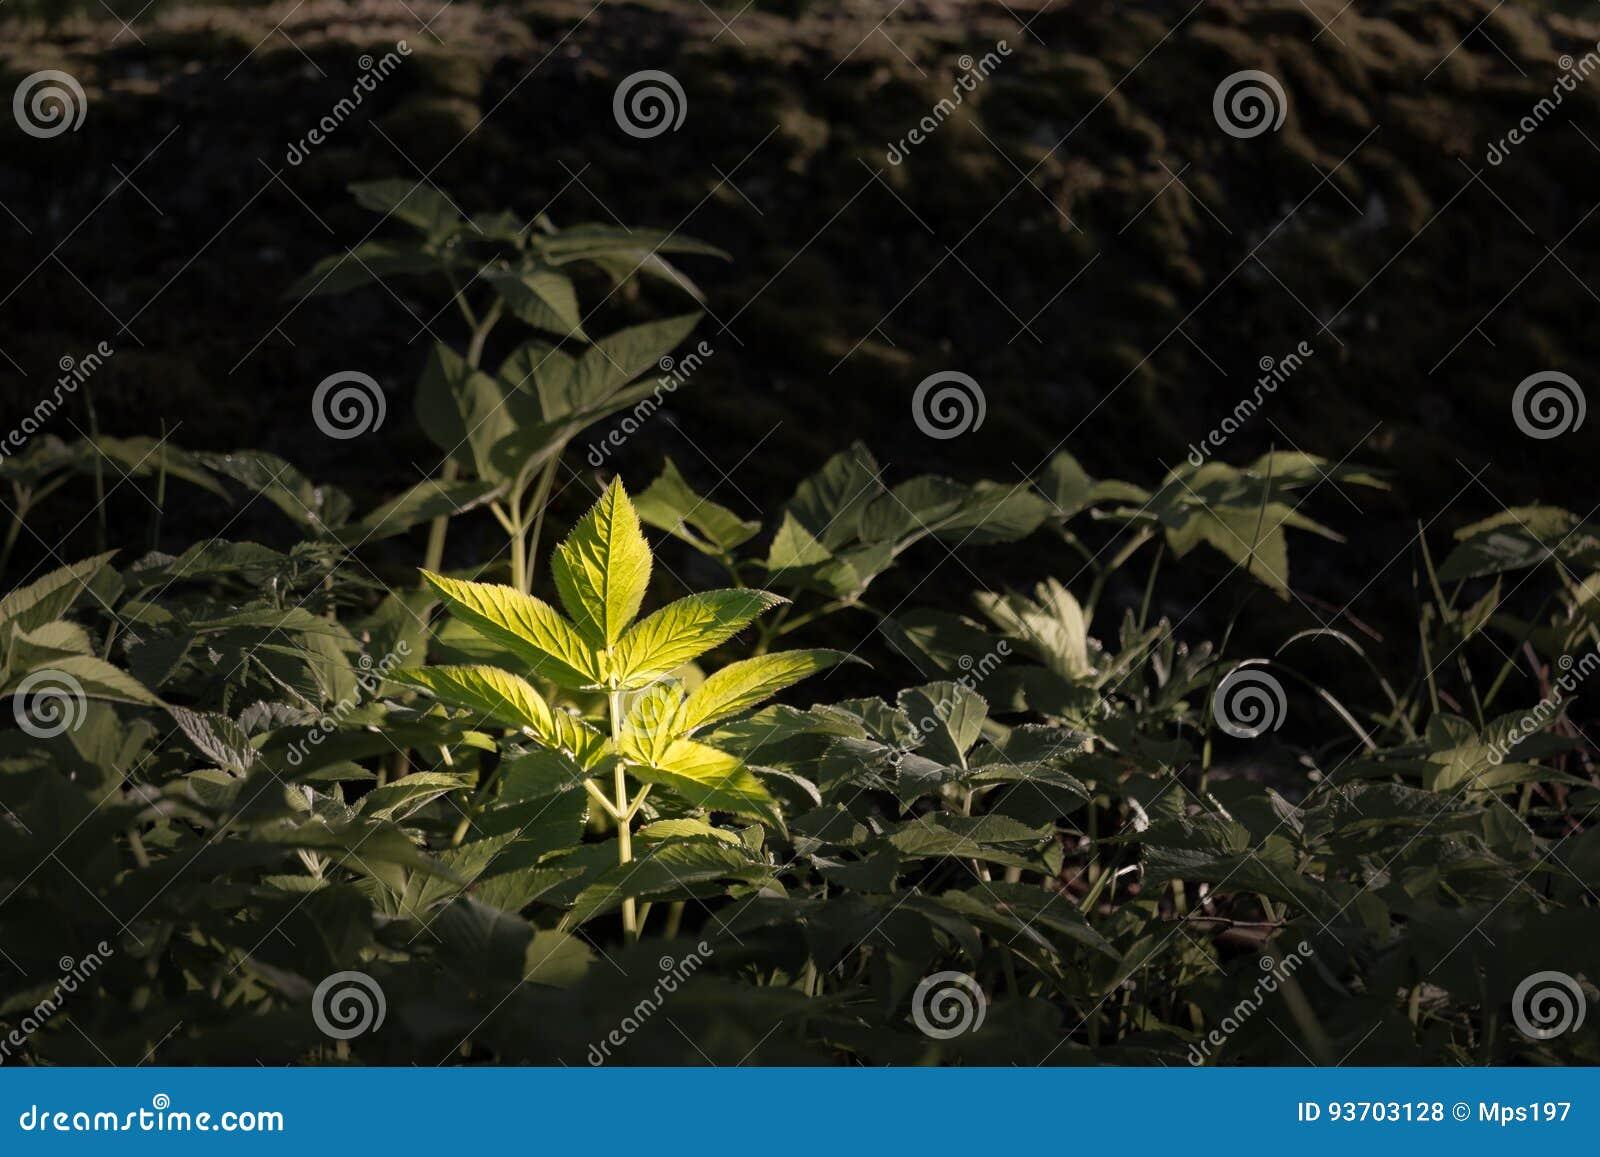 地面长辈狂放的草本叶子在森林里突出了